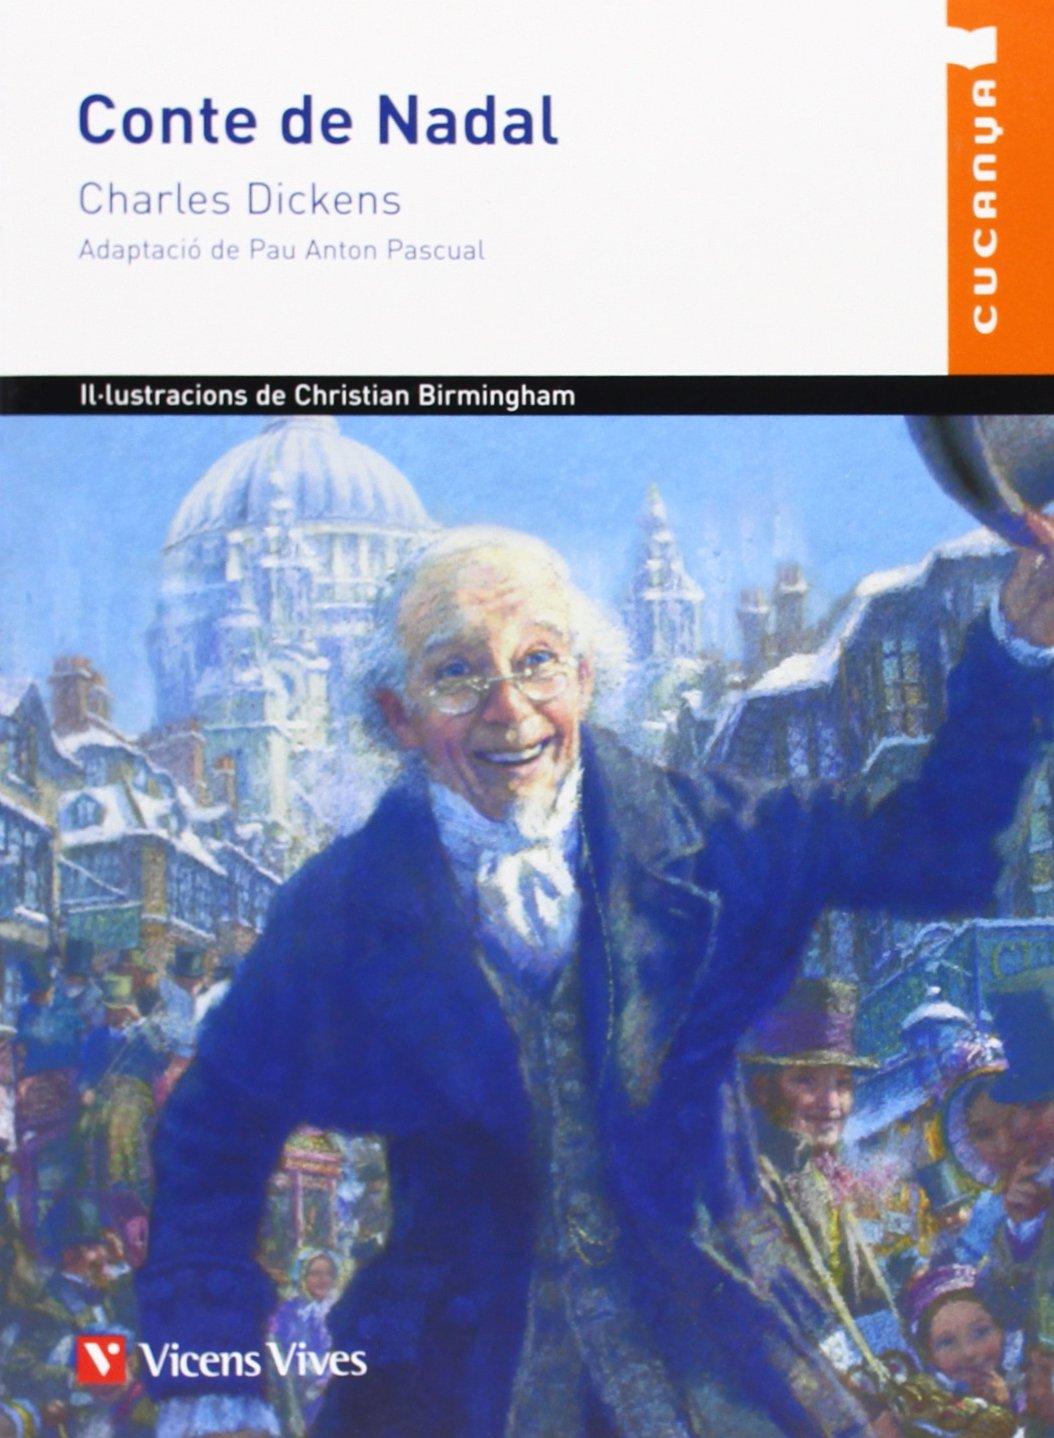 portada de llibre de Charles Dickens